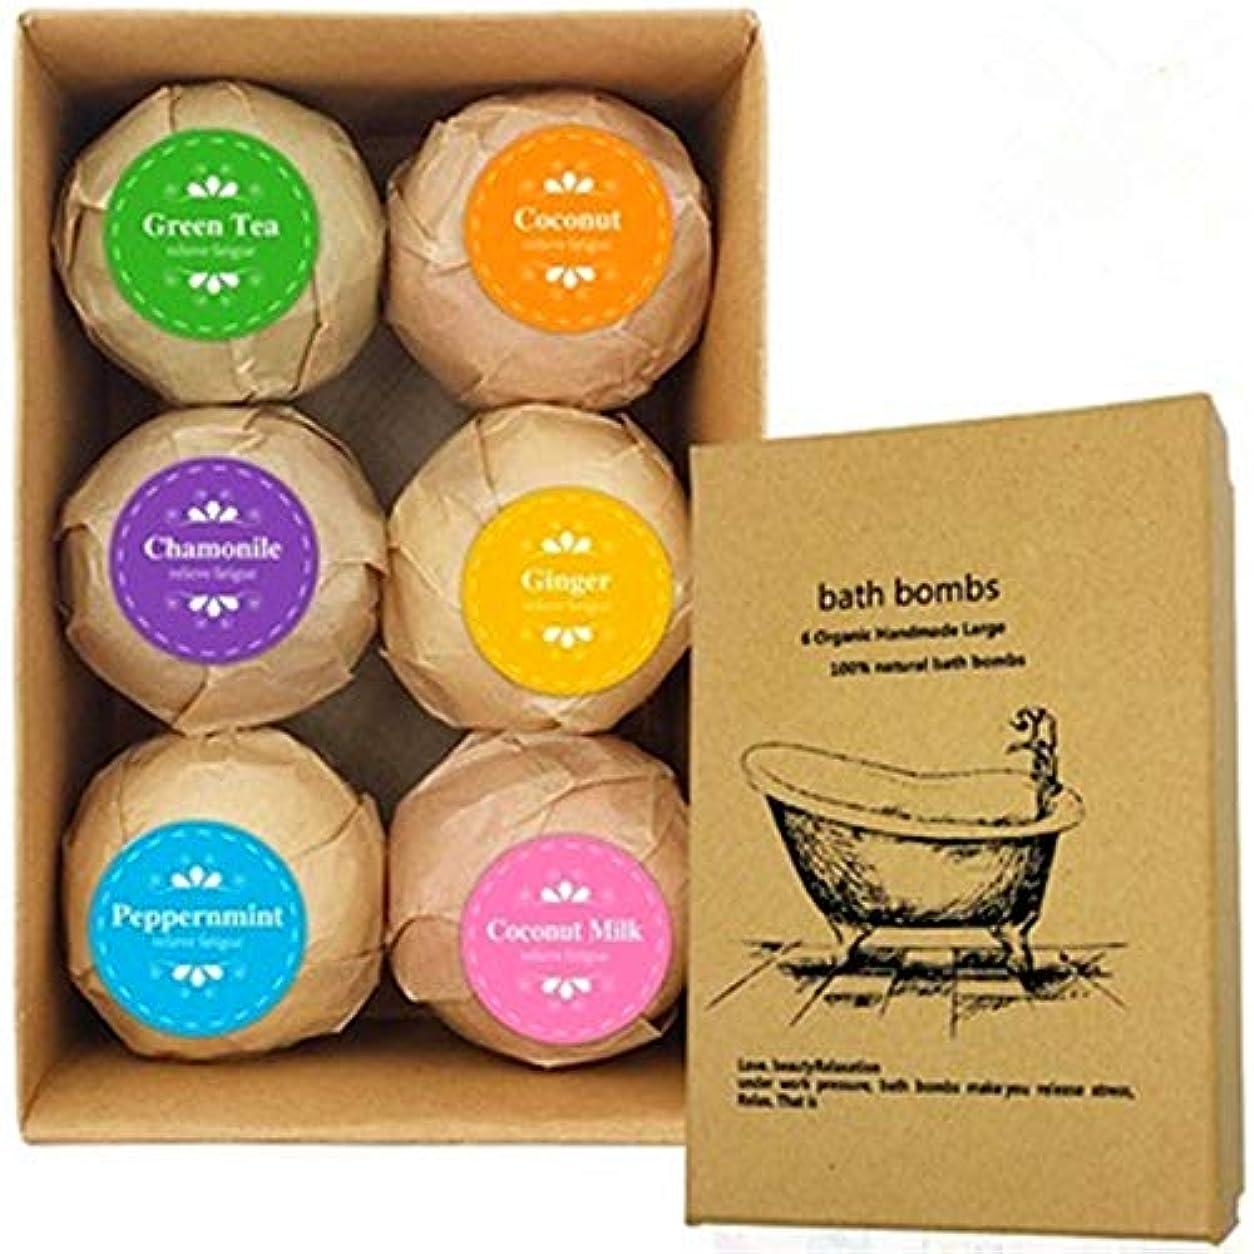 摂氏度法律拡大するバスボム 入浴剤 炭酸 バスボール 6つの香り 手作り 入浴料 うるおいプラス お風呂用 入浴剤 ギフトセット6枚 プレゼント最適